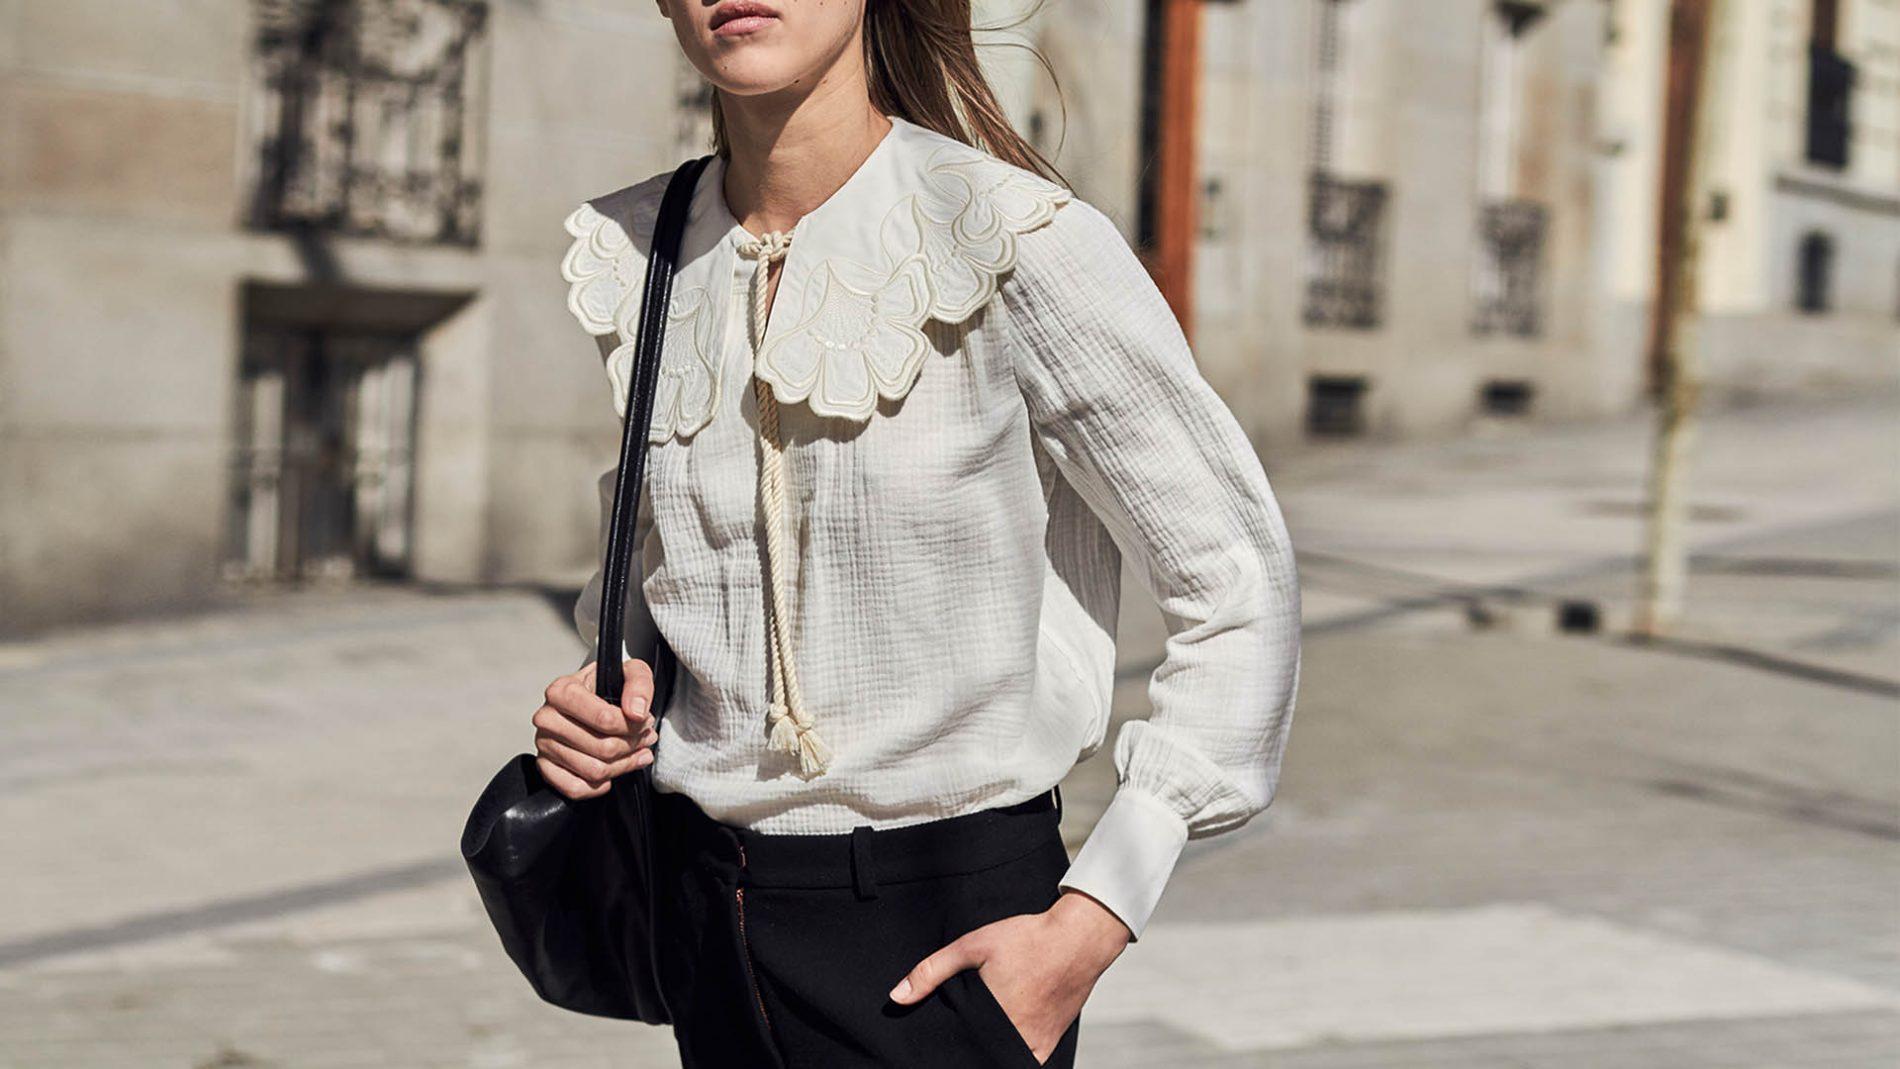 El Corte Inglés Ready-To-Wear Designer Handbags See By Chloe Valentino Proenza Schouler